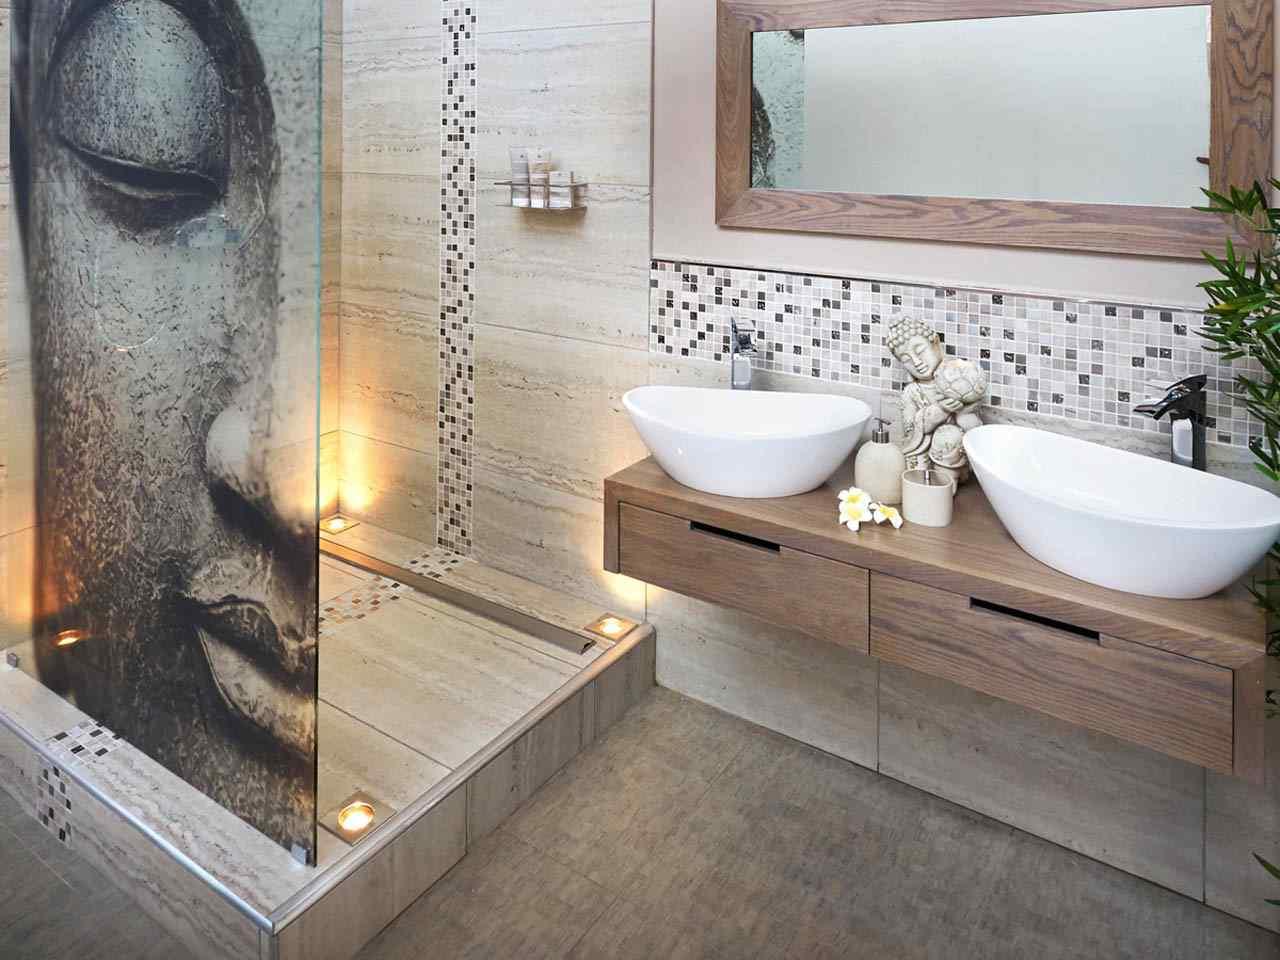 Идеи дизайна ванной — 100 фото вариантов оформления и лучших сочетаний 2021 года